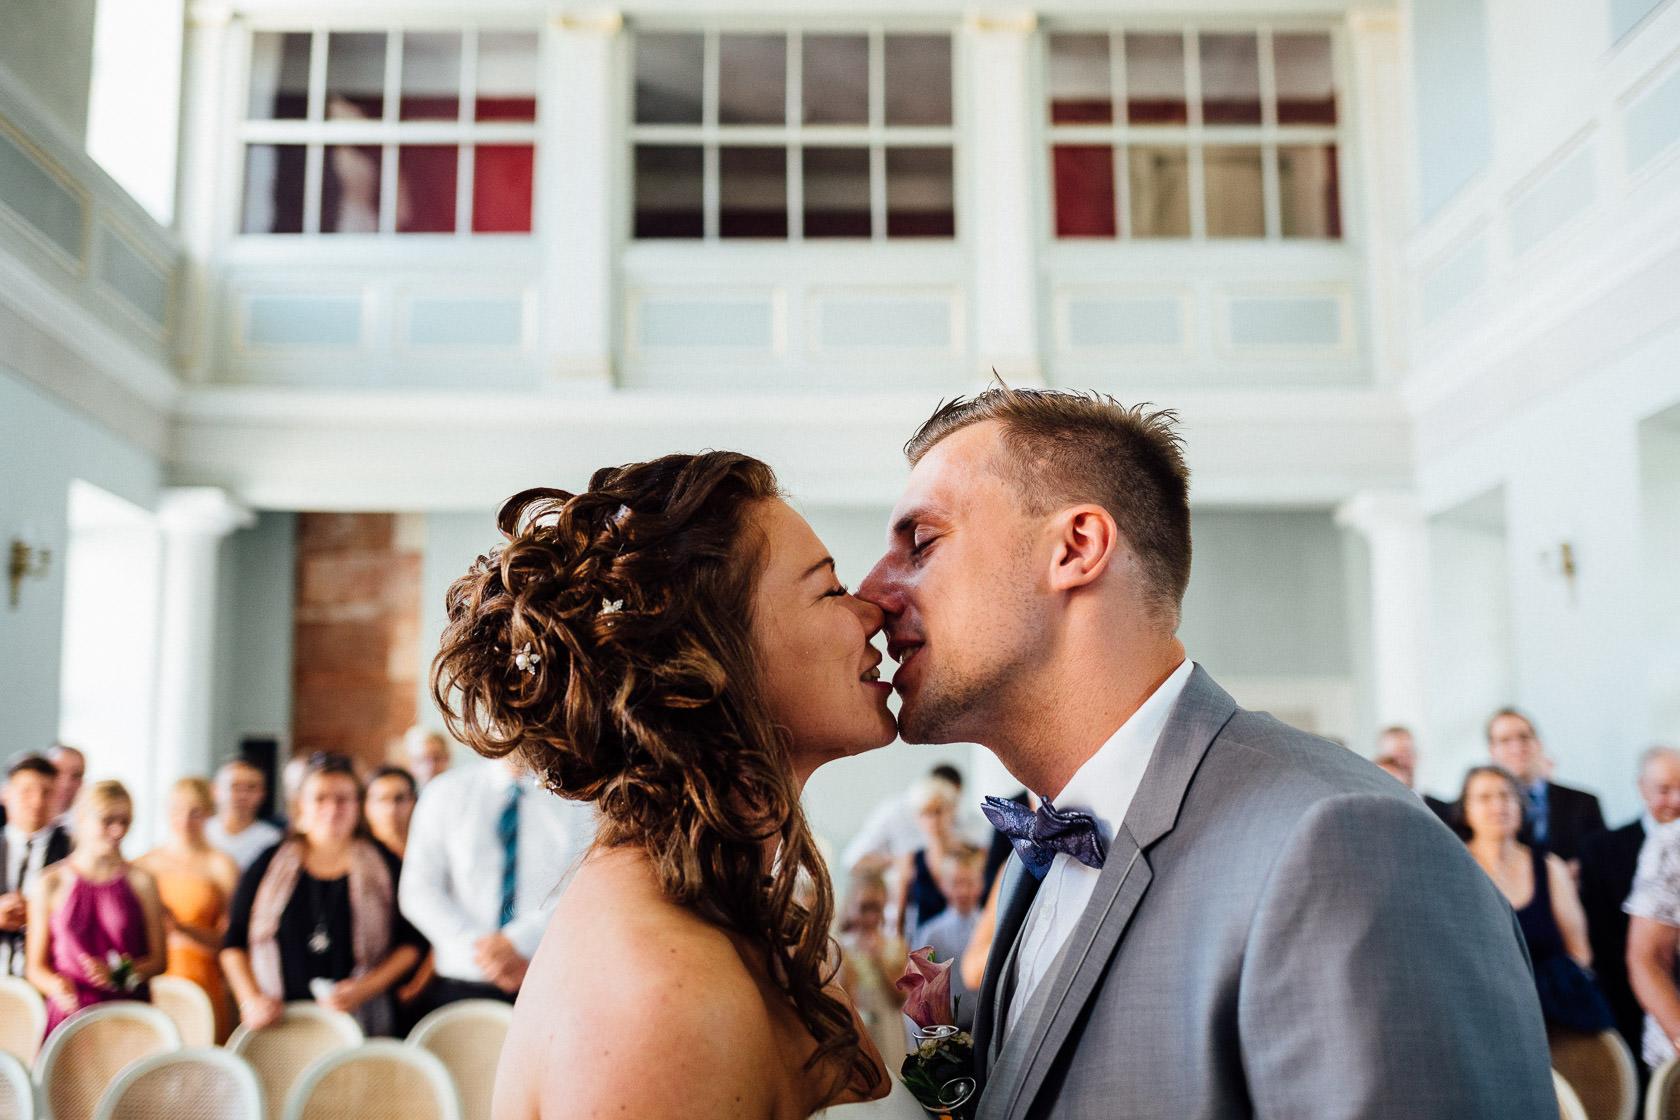 Freie Trauung Jenny und Mathias im Schloss Schwetzingen Kuss des Brautpaars